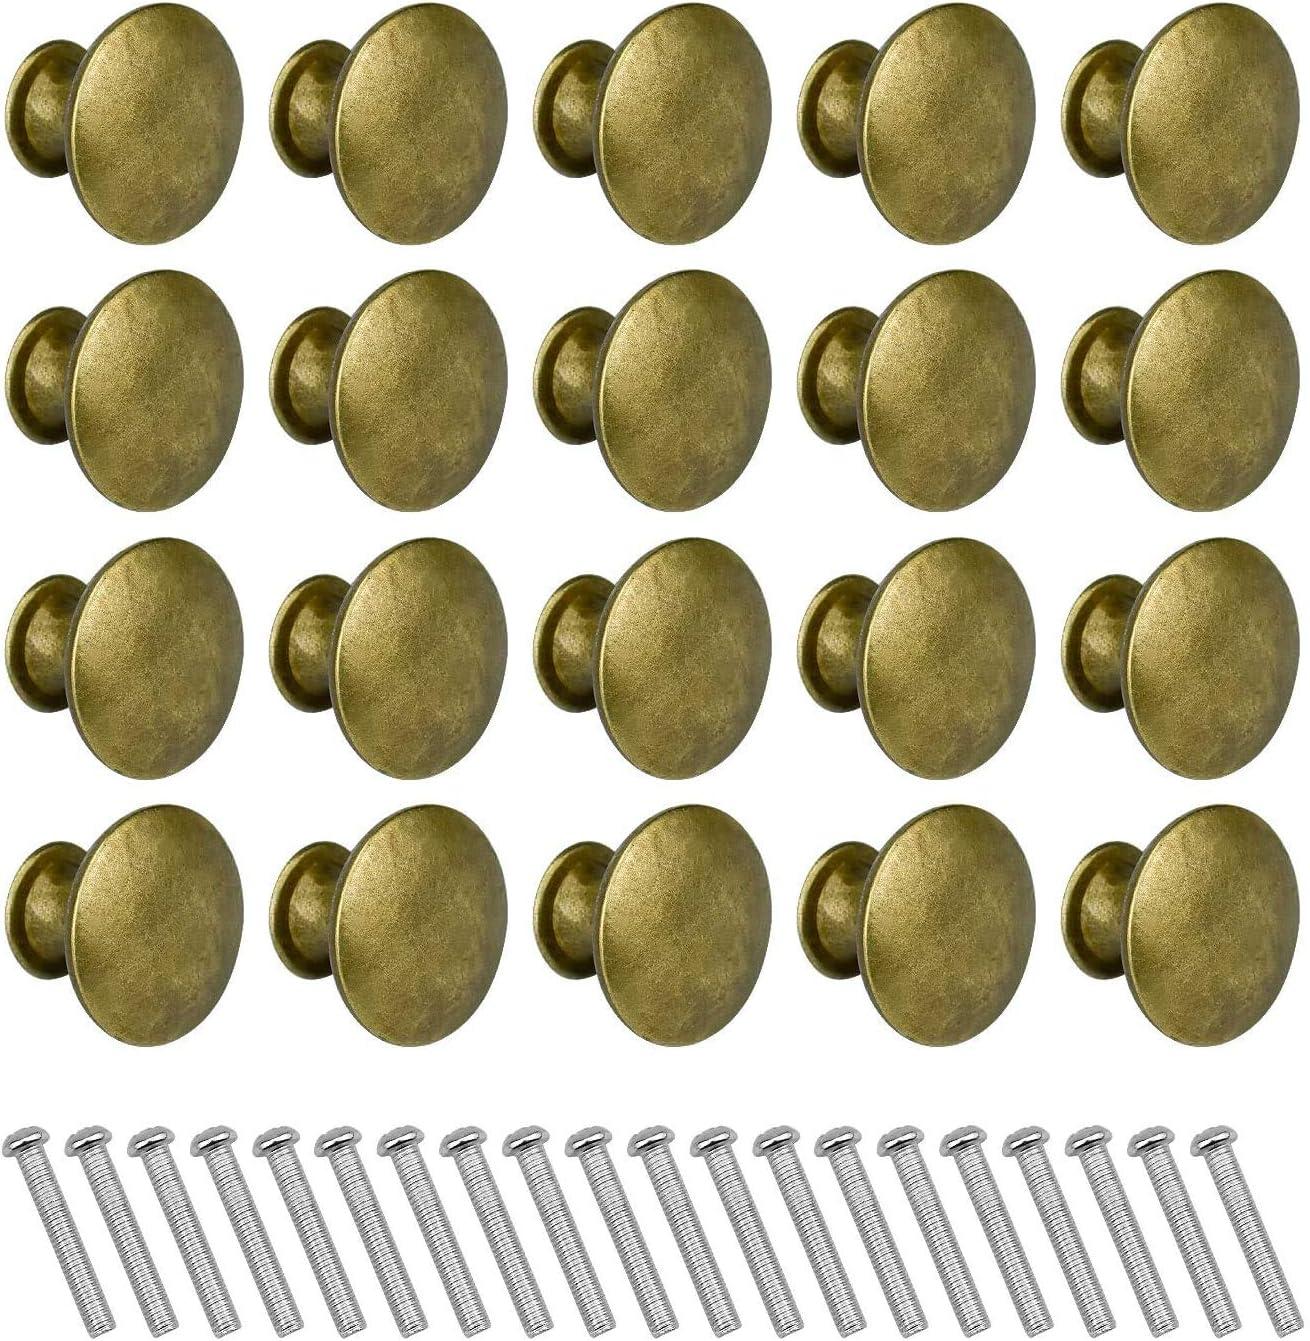 SANTOO de 20 piezas Pomos de puerta, tiradores de muebles de latón vintage, tiradores de muebles para tocador y gabinete